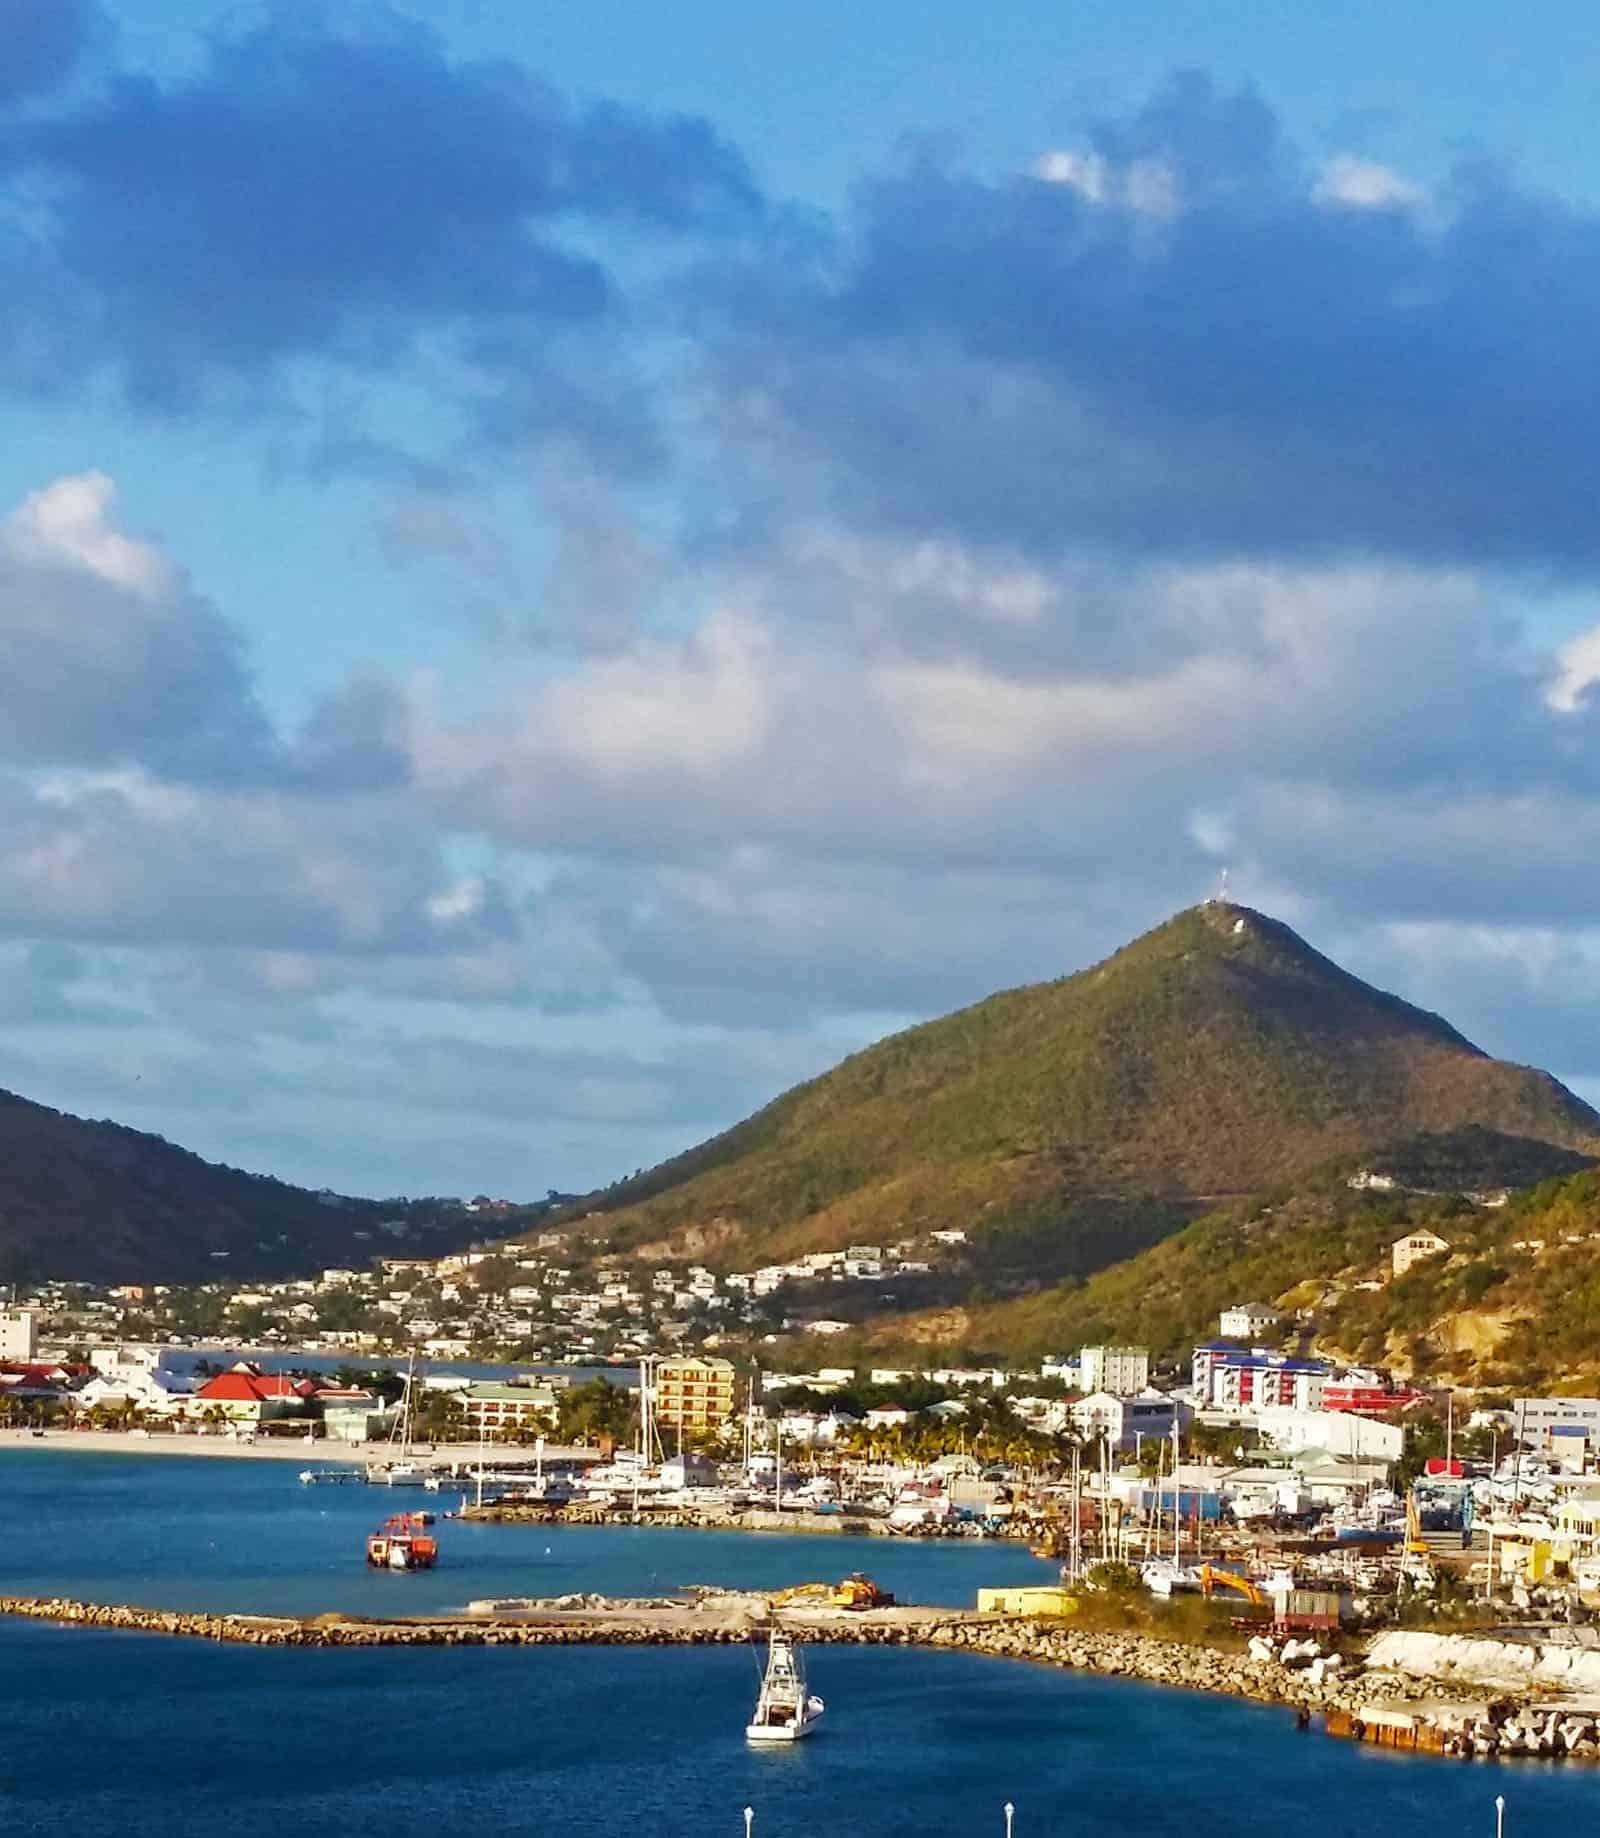 Sint Maarten / Saint Martin view